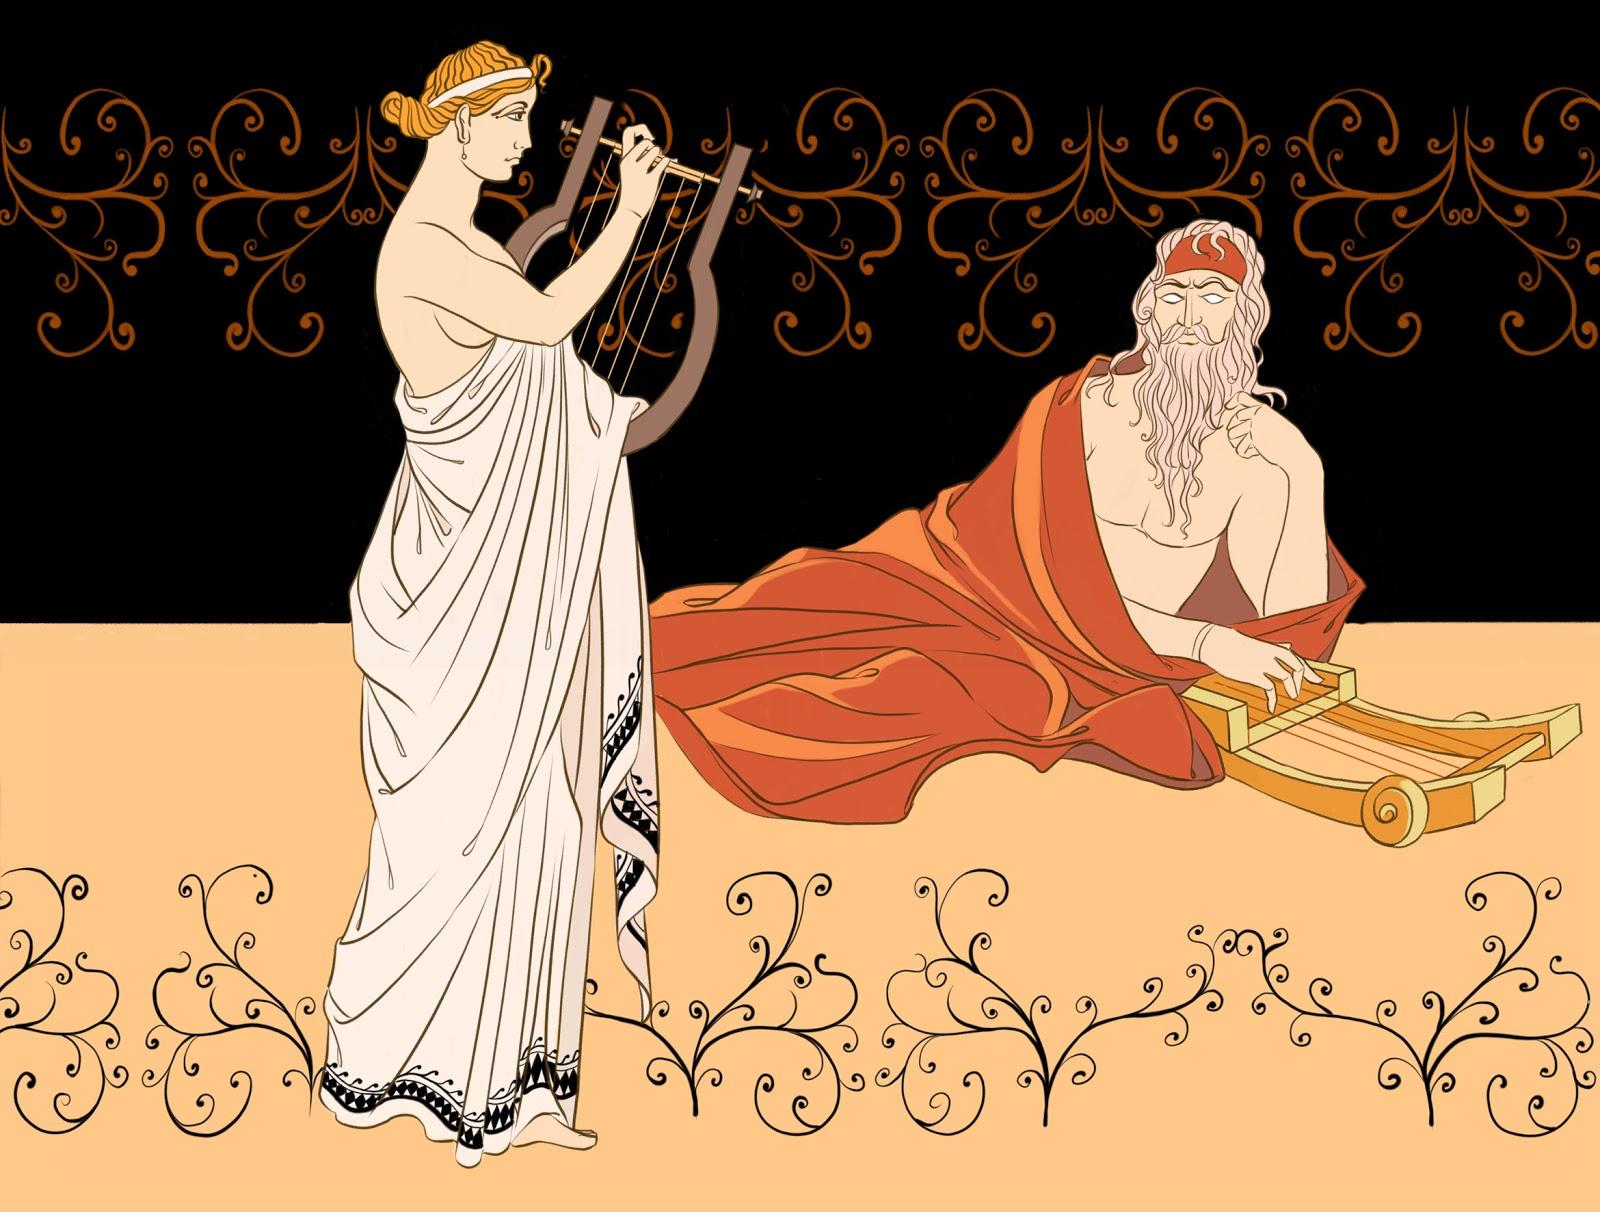 Giulio peranzoni omero e la musa - Cantami o diva ...